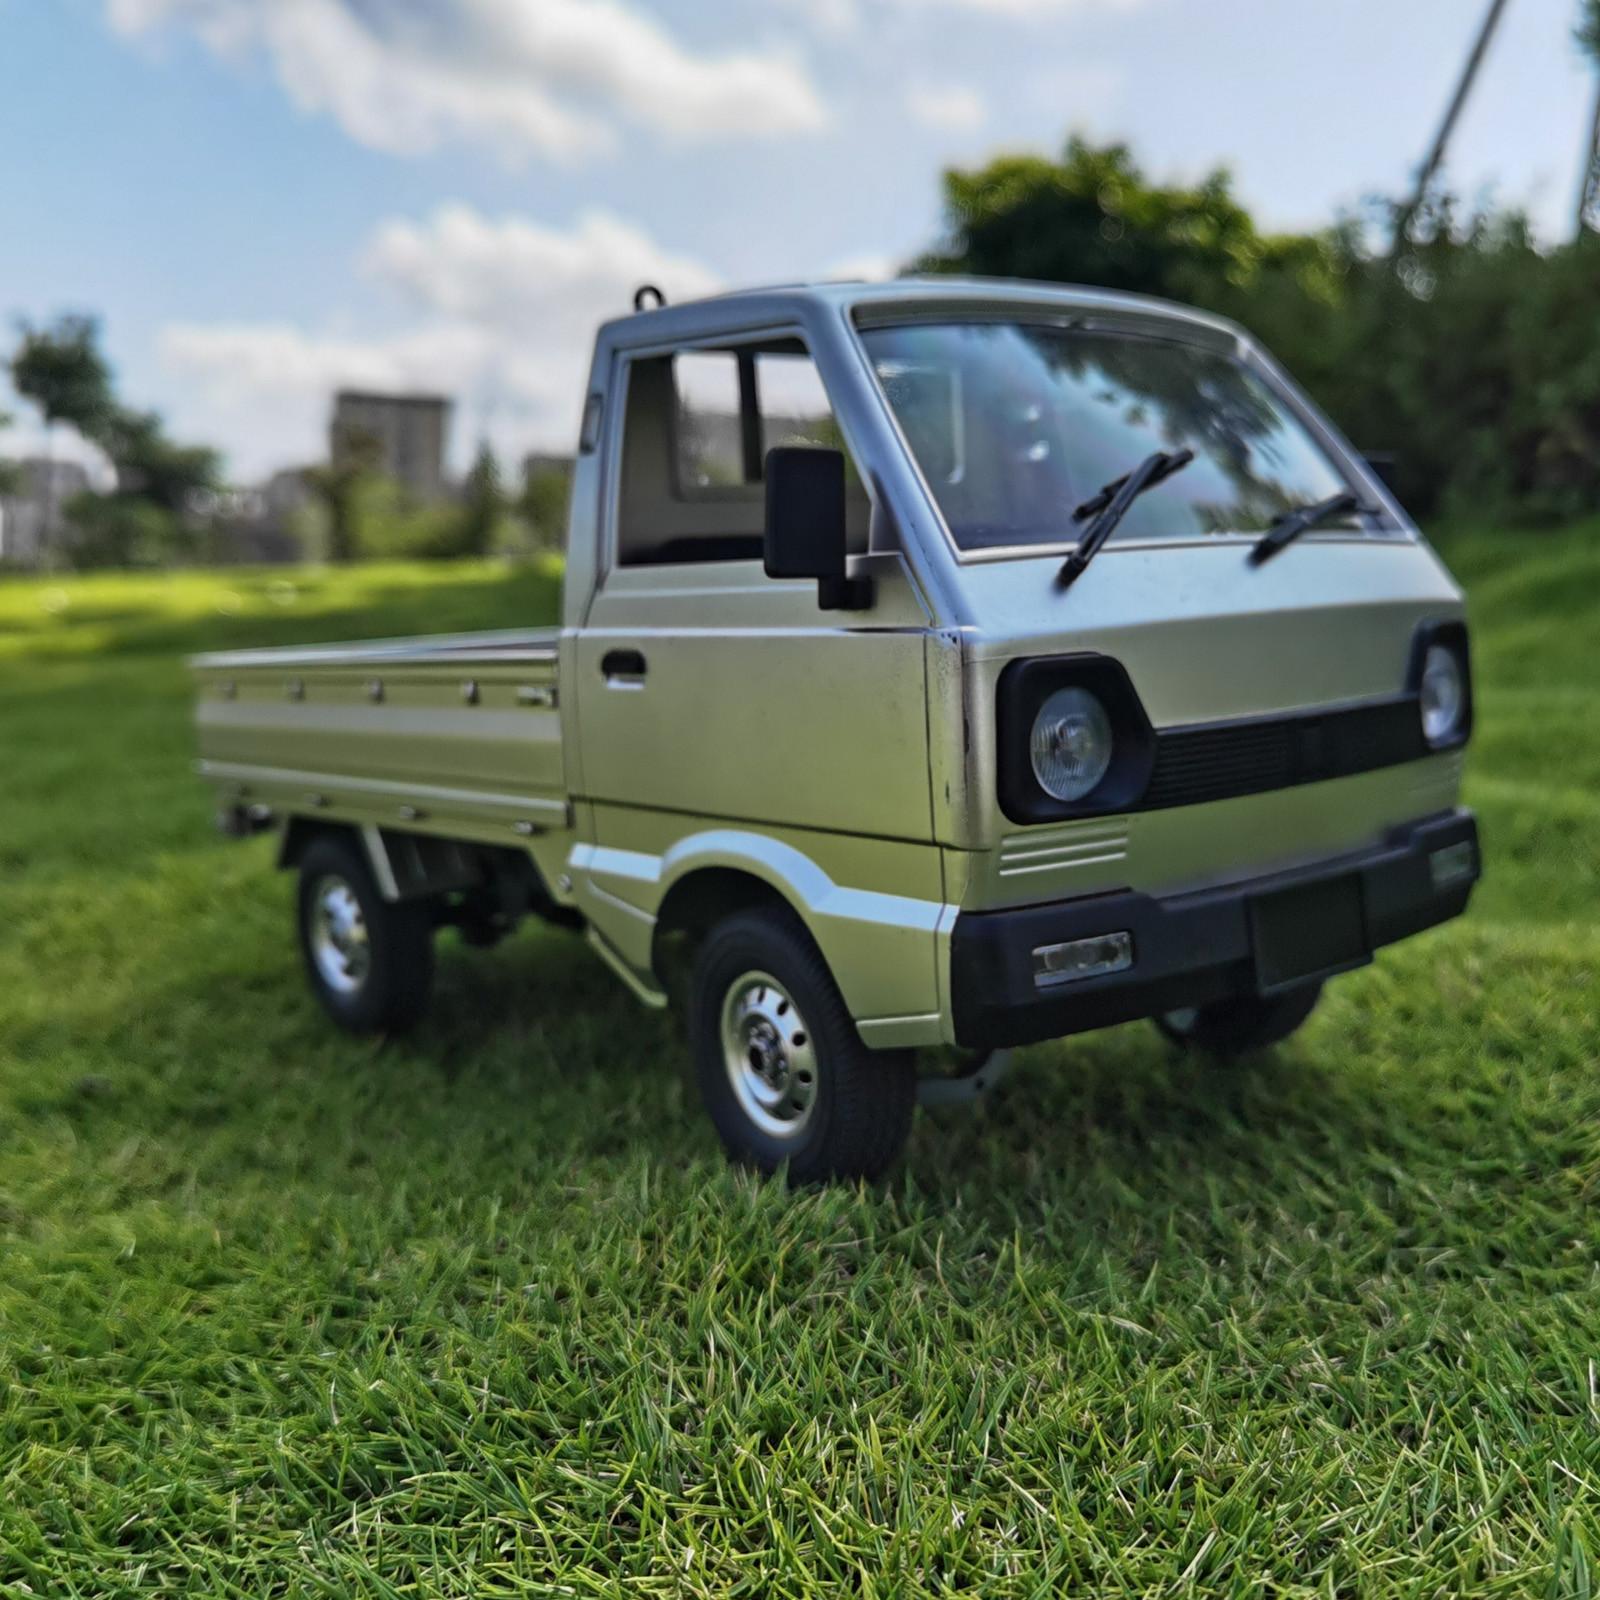 WPL D12 1/10 RC Simulación de automóvil Camión de deriva 260 Motor juguete para niños Niño Modelo Holiday Classic Gift 20126